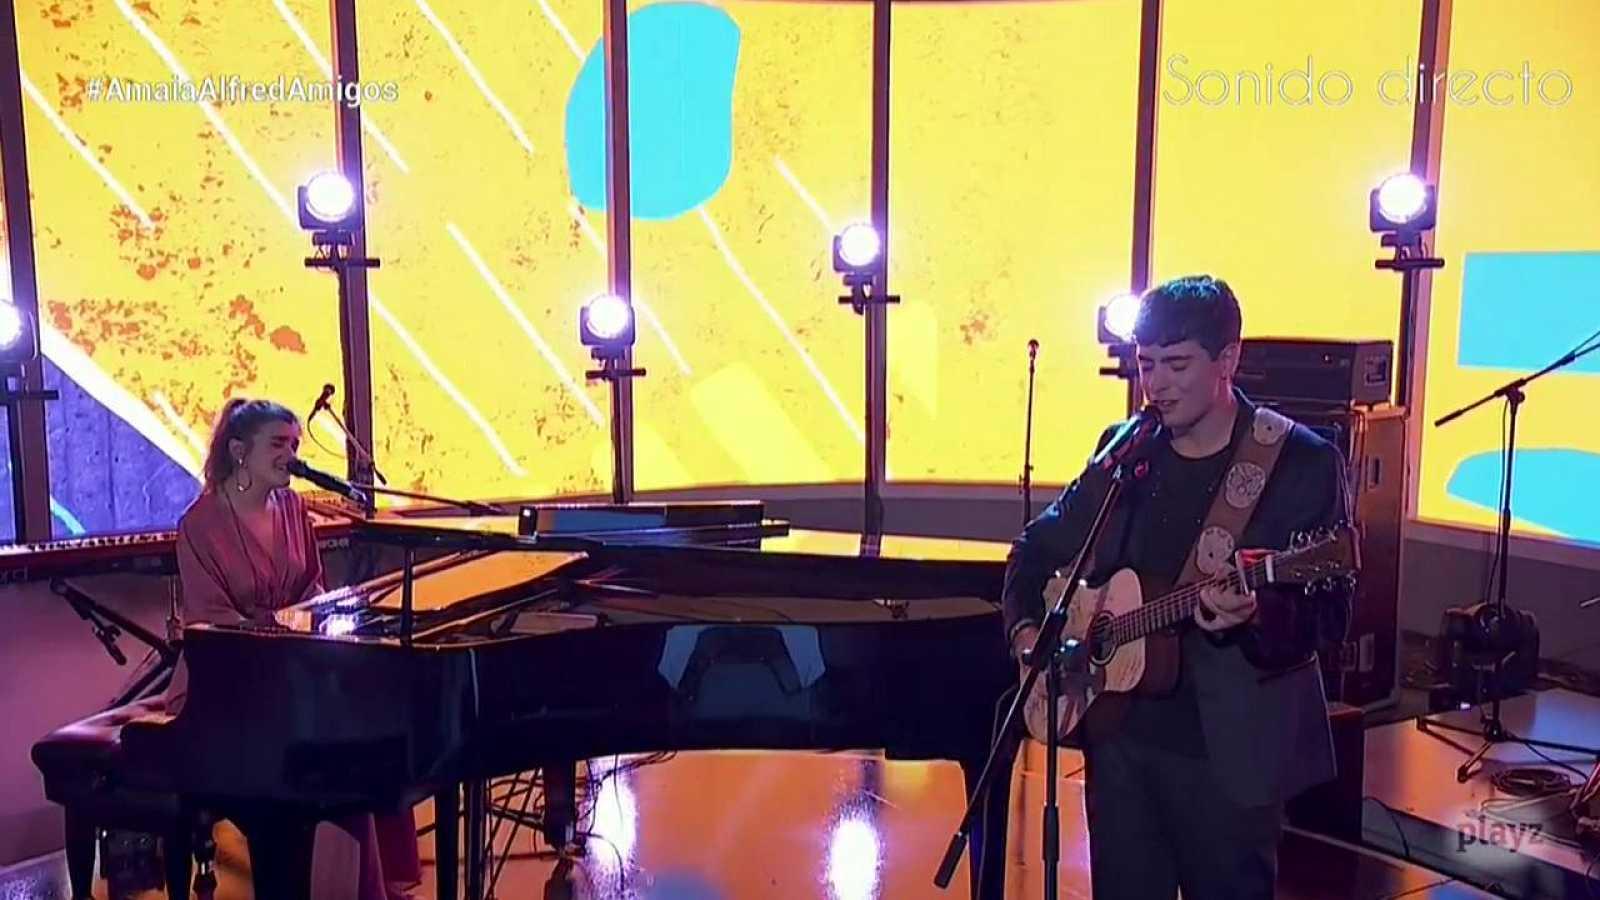 OTVisión - Amaia y Alfred cantan por primera vez 'Your song', la versión en inglés de 'Tu canción'